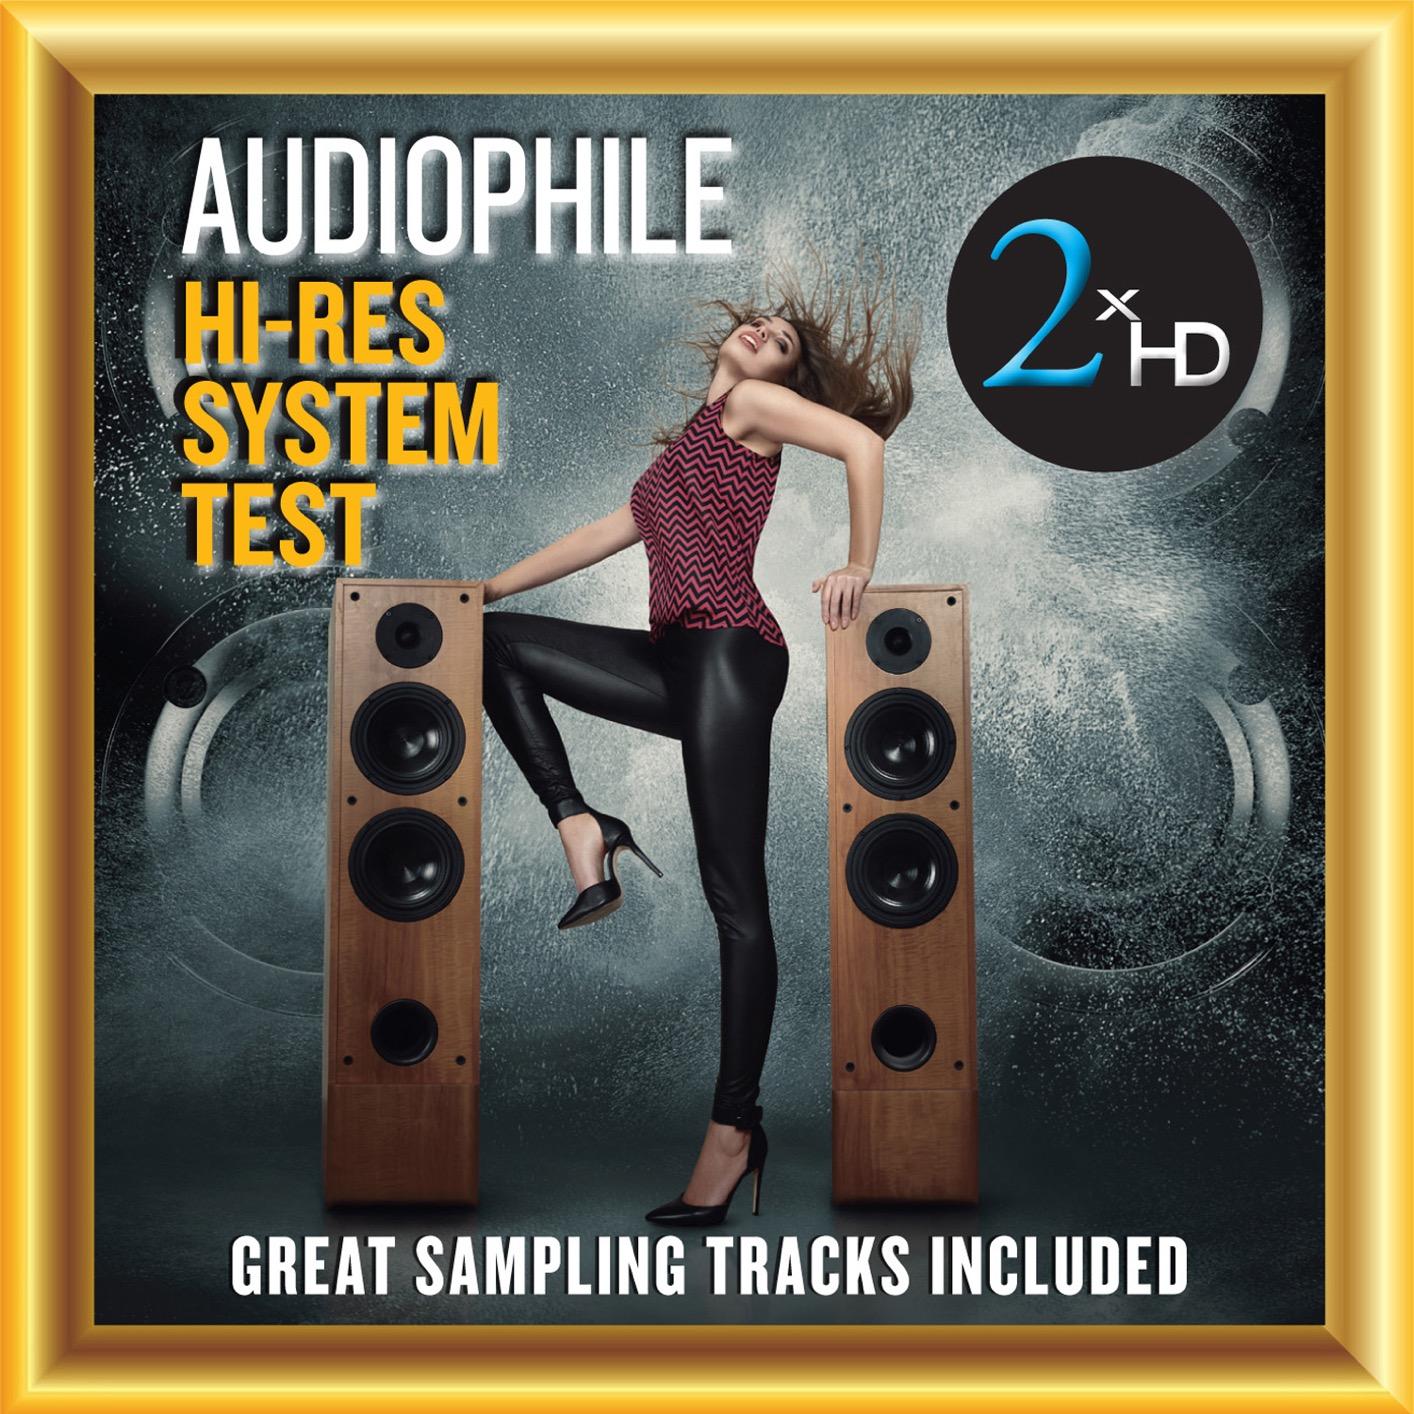 2xHD System Test - Audiophile Hi-Res System Test (2016) [Official Digital Download 24/192]